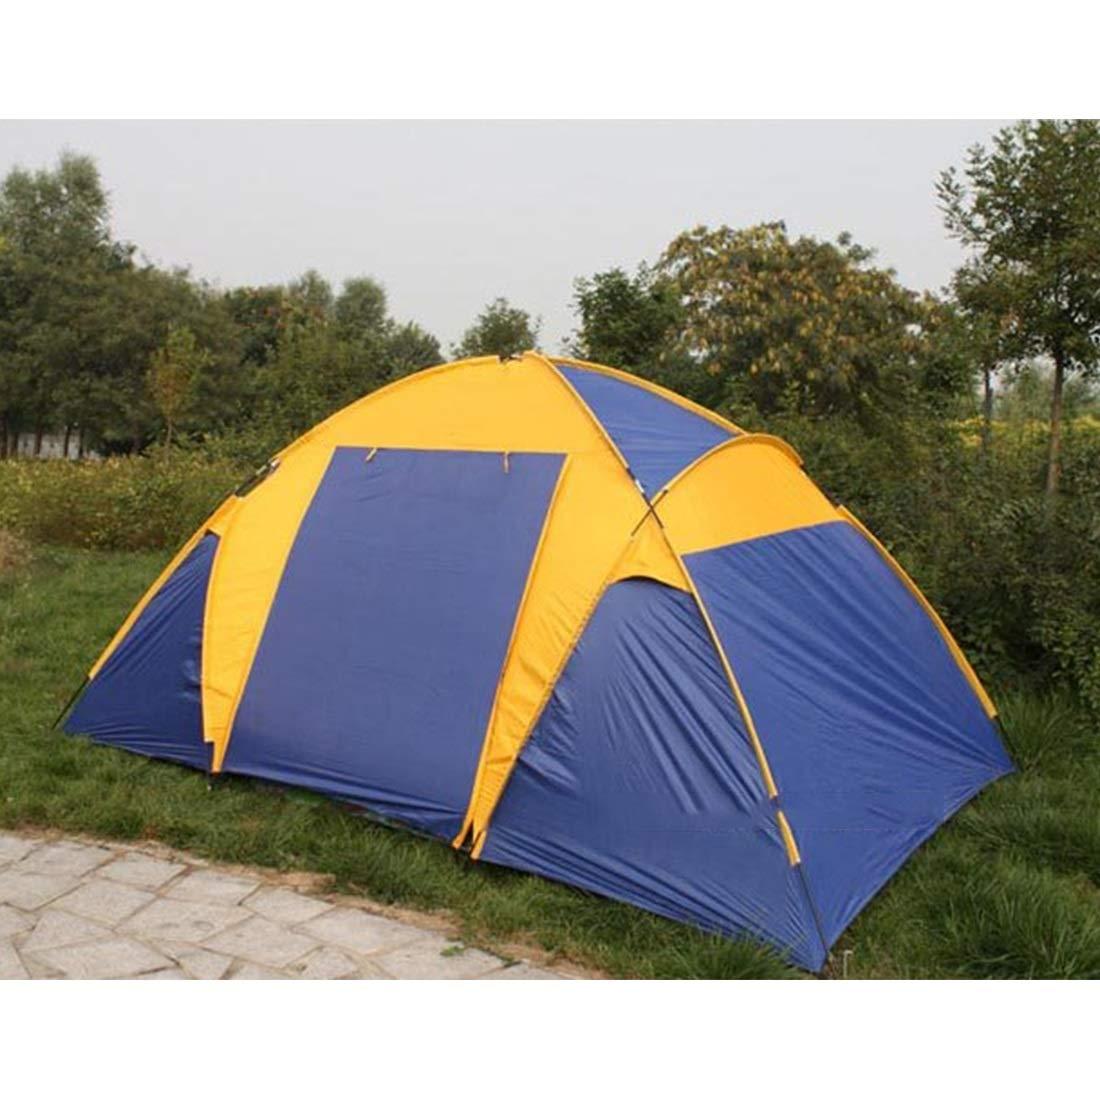 Kunliyin YY1 5 für Personen Zwei Zimmer und EIN Wohnzimmer Outdoor-Zelt für 5 Wilde Camping 123e2b